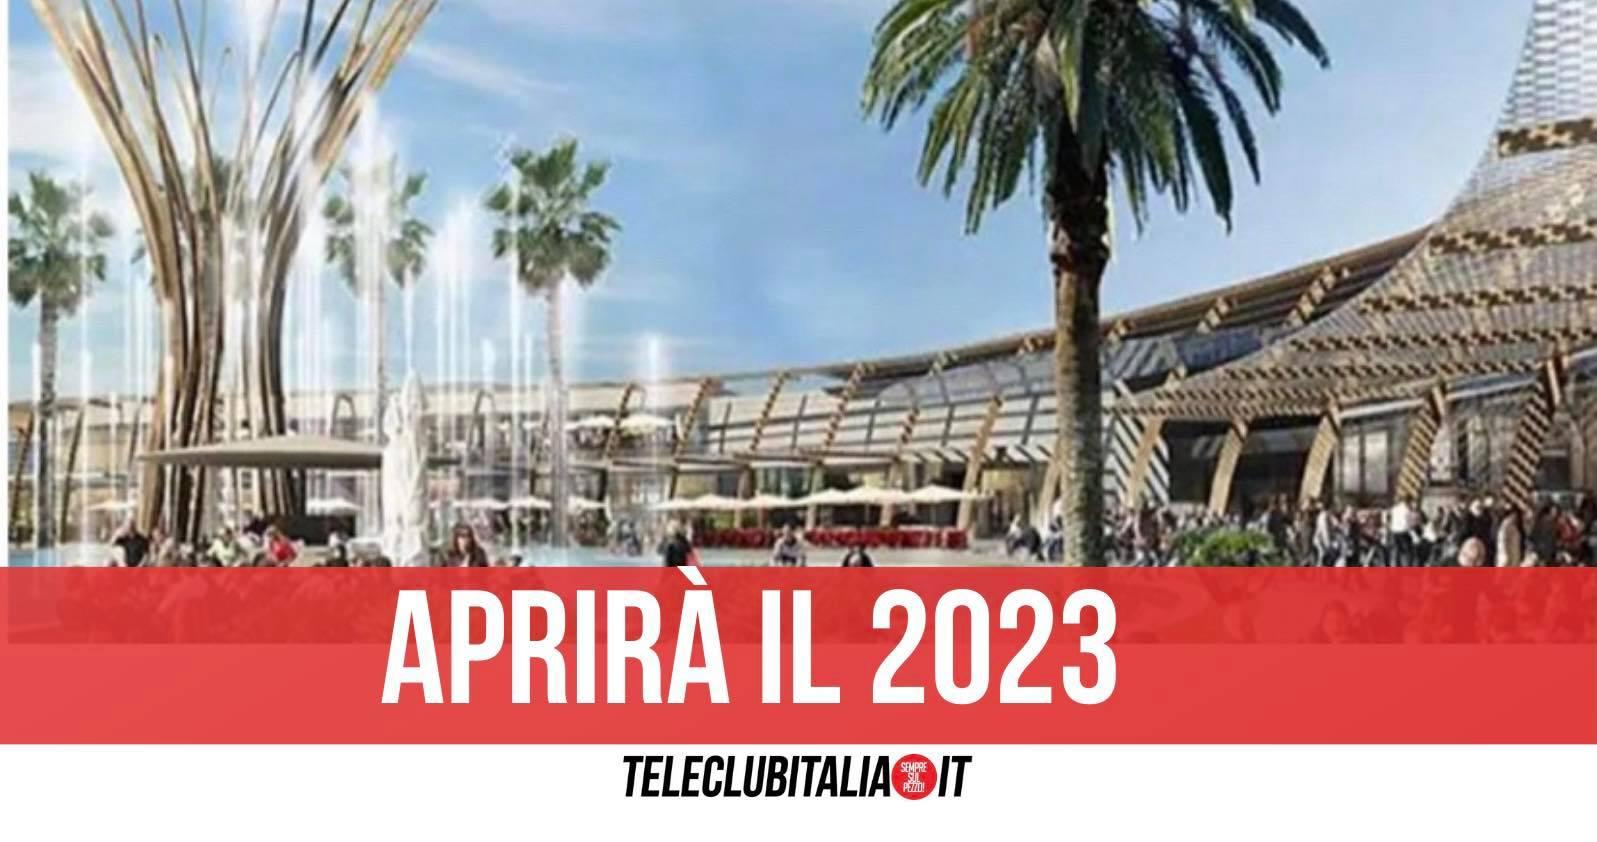 maximall pompeii apertura 2023